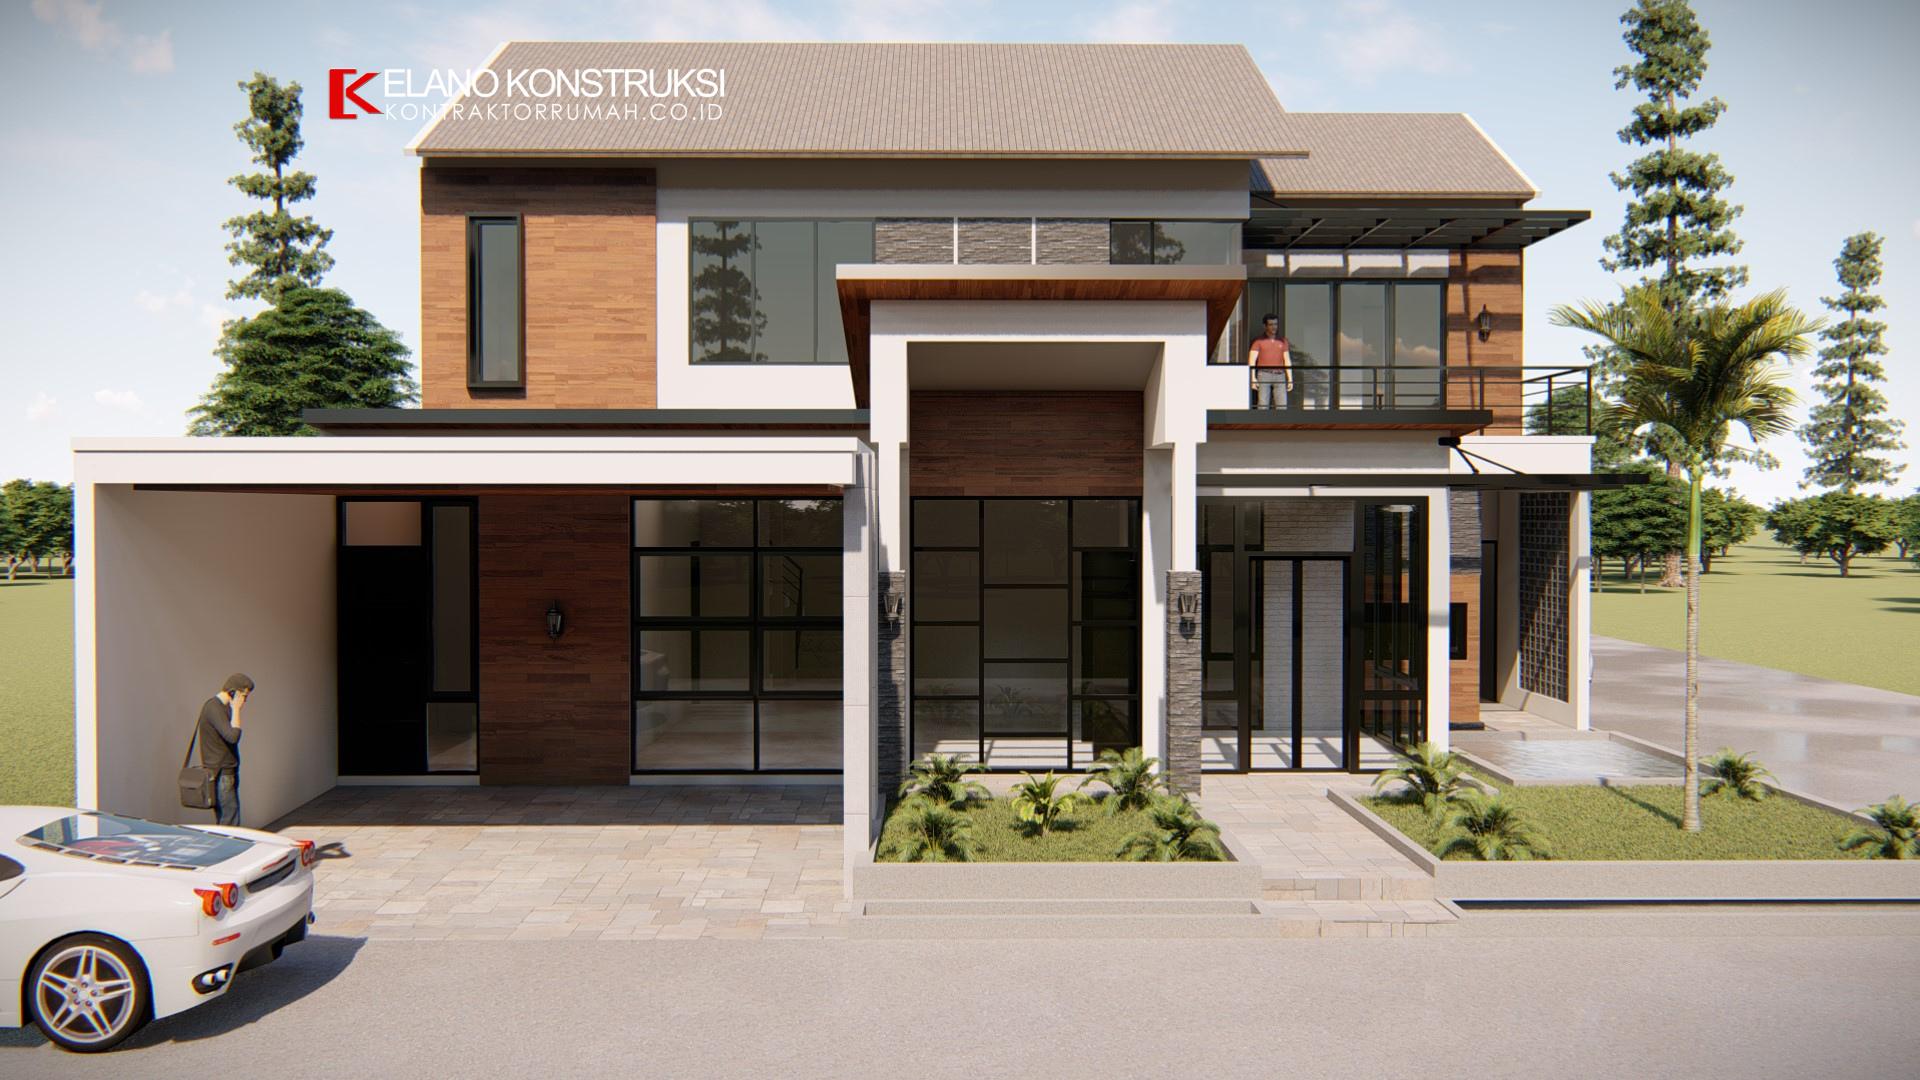 jasa kontraktor arsitek desain rumah 2